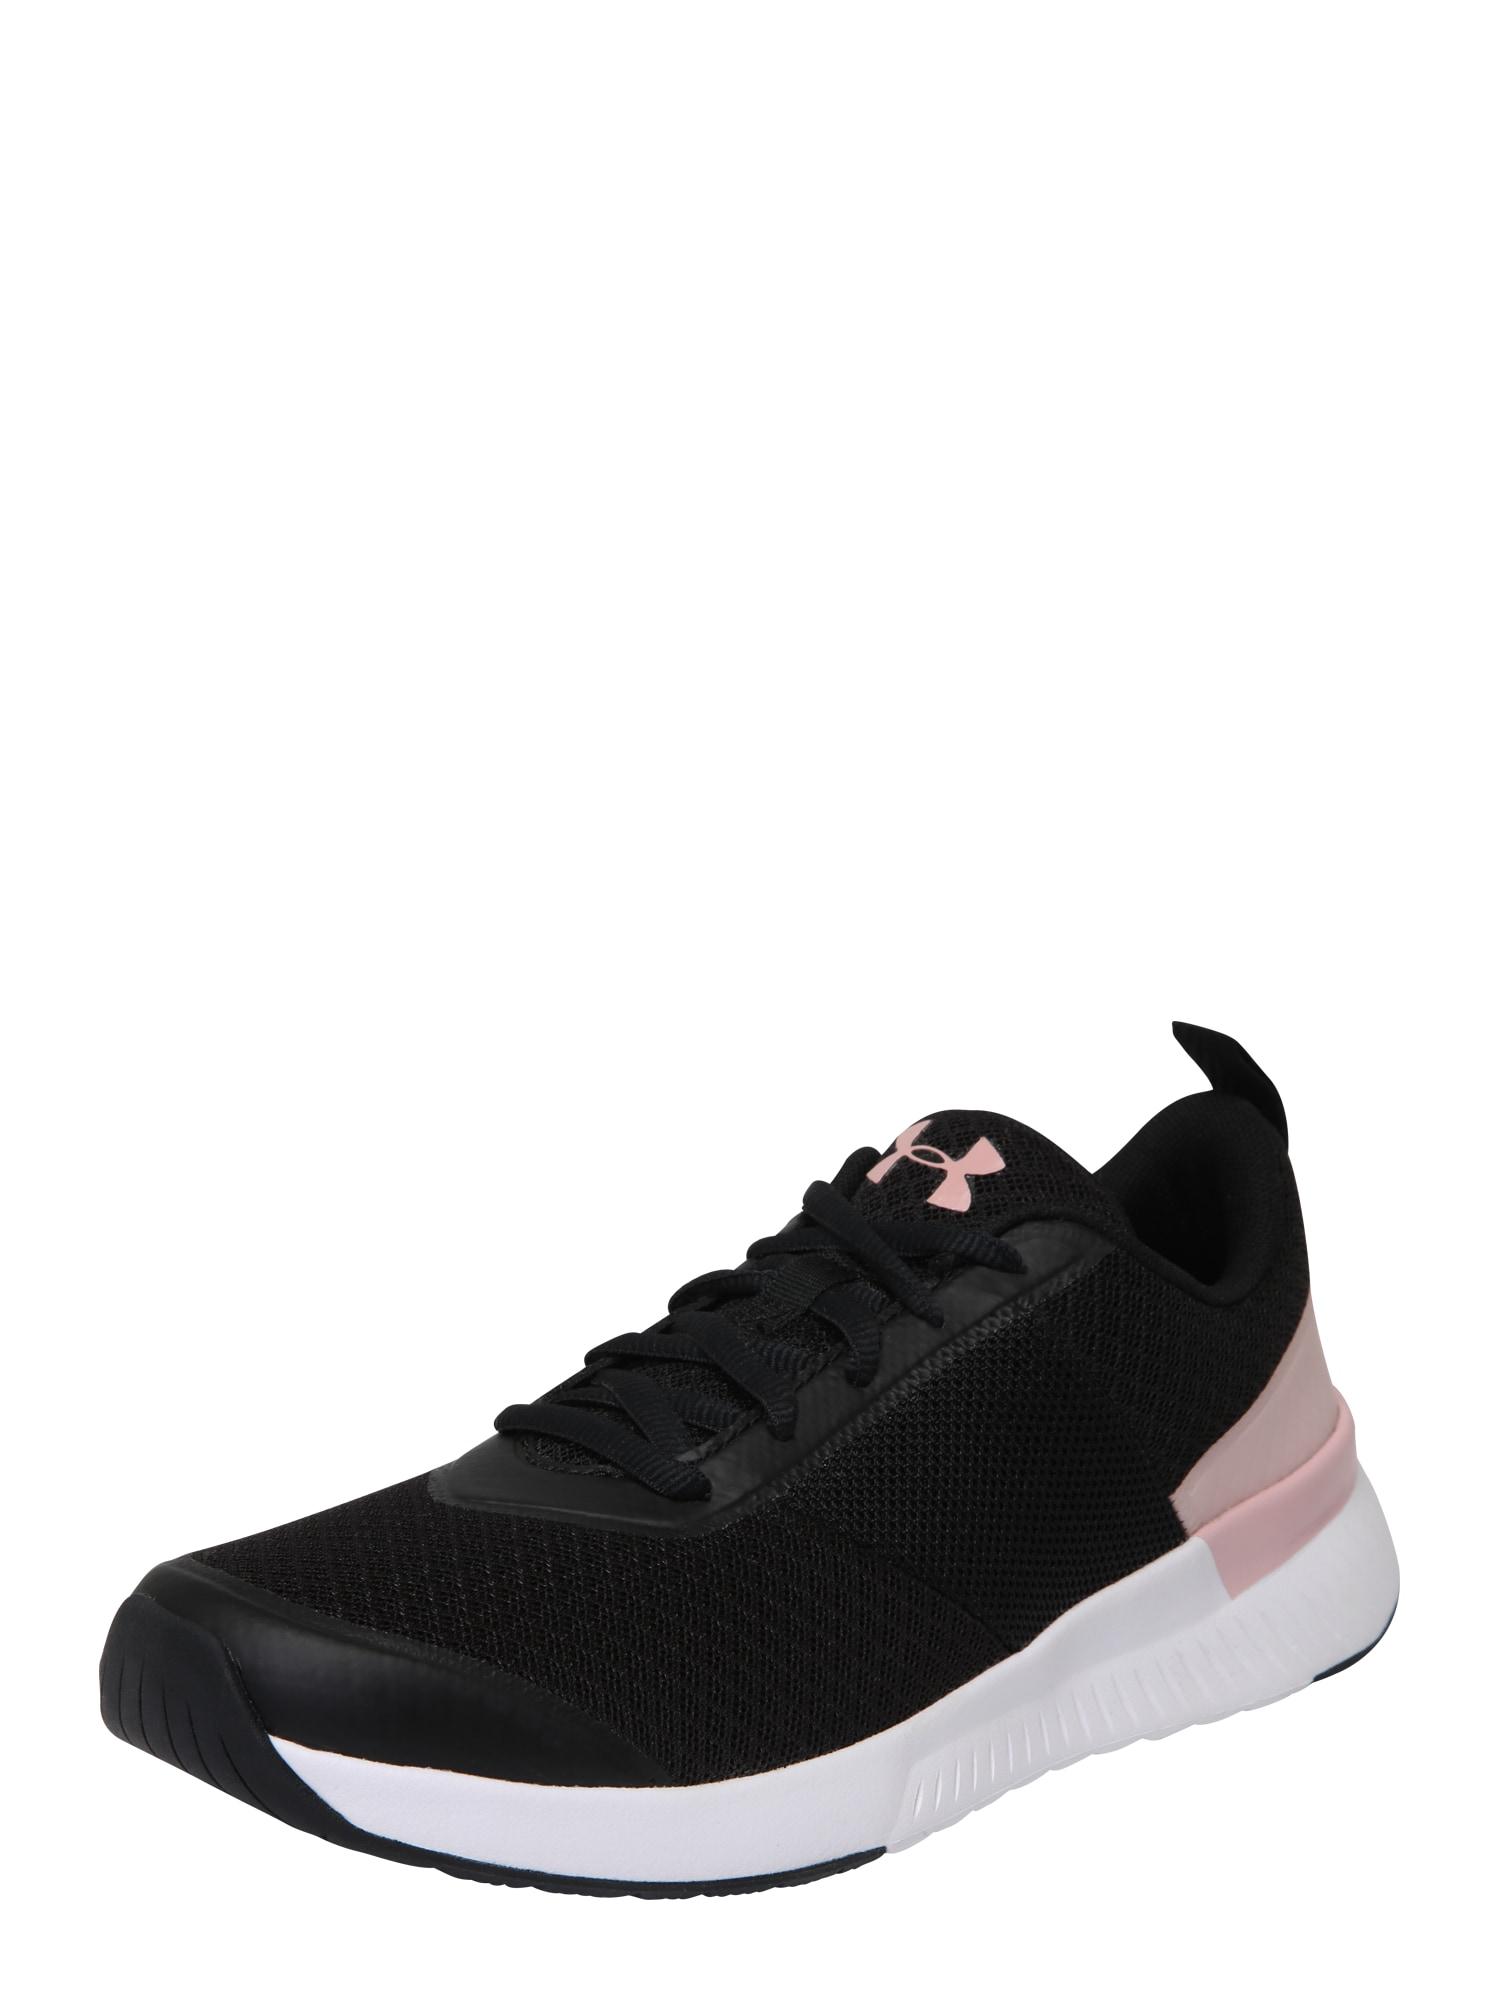 UNDER ARMOUR, Dames Sportschoen 'Aura Trainer', rosa / zwart / wit